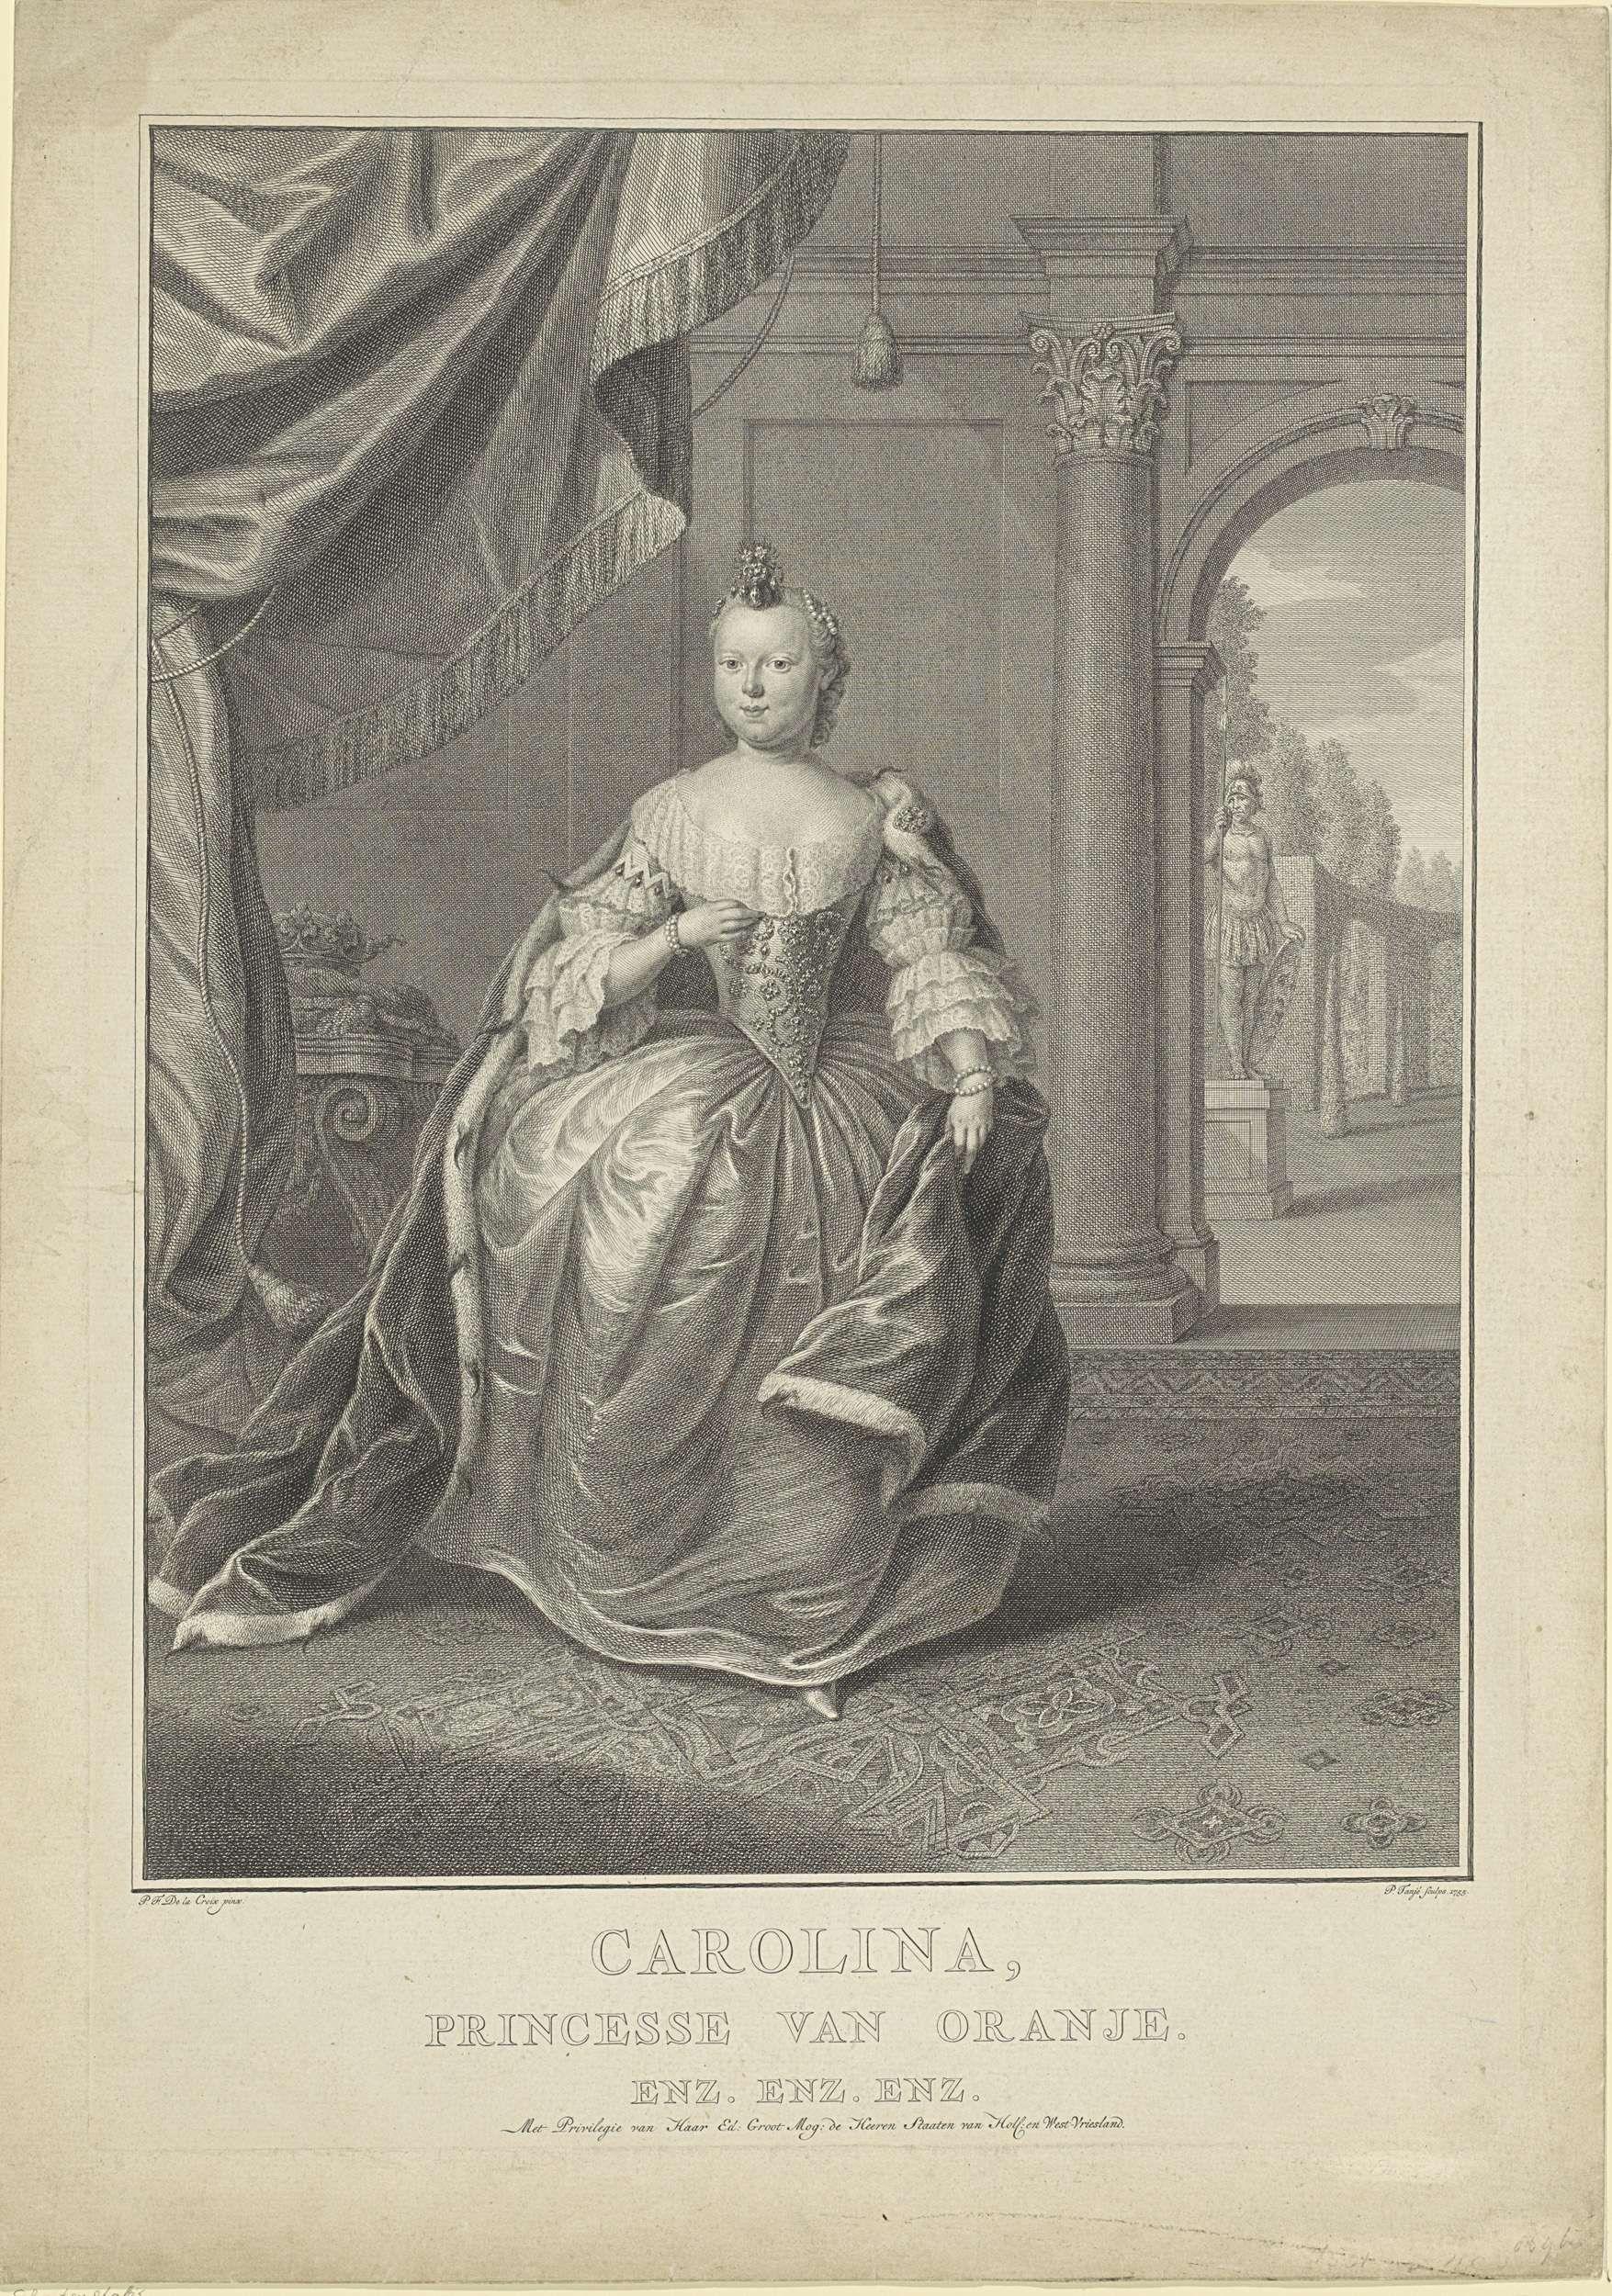 Pieter Tanjé | Portret van Carolina, prinses van Oranje-Nassau, Pieter Tanjé, Staten van Holland en West-Friesland, 1755 | Portret van Carolina. Ze staat in een vertrek met rechts een doorkijkje naar een tuin. In de ondermarge haar naam en titels.